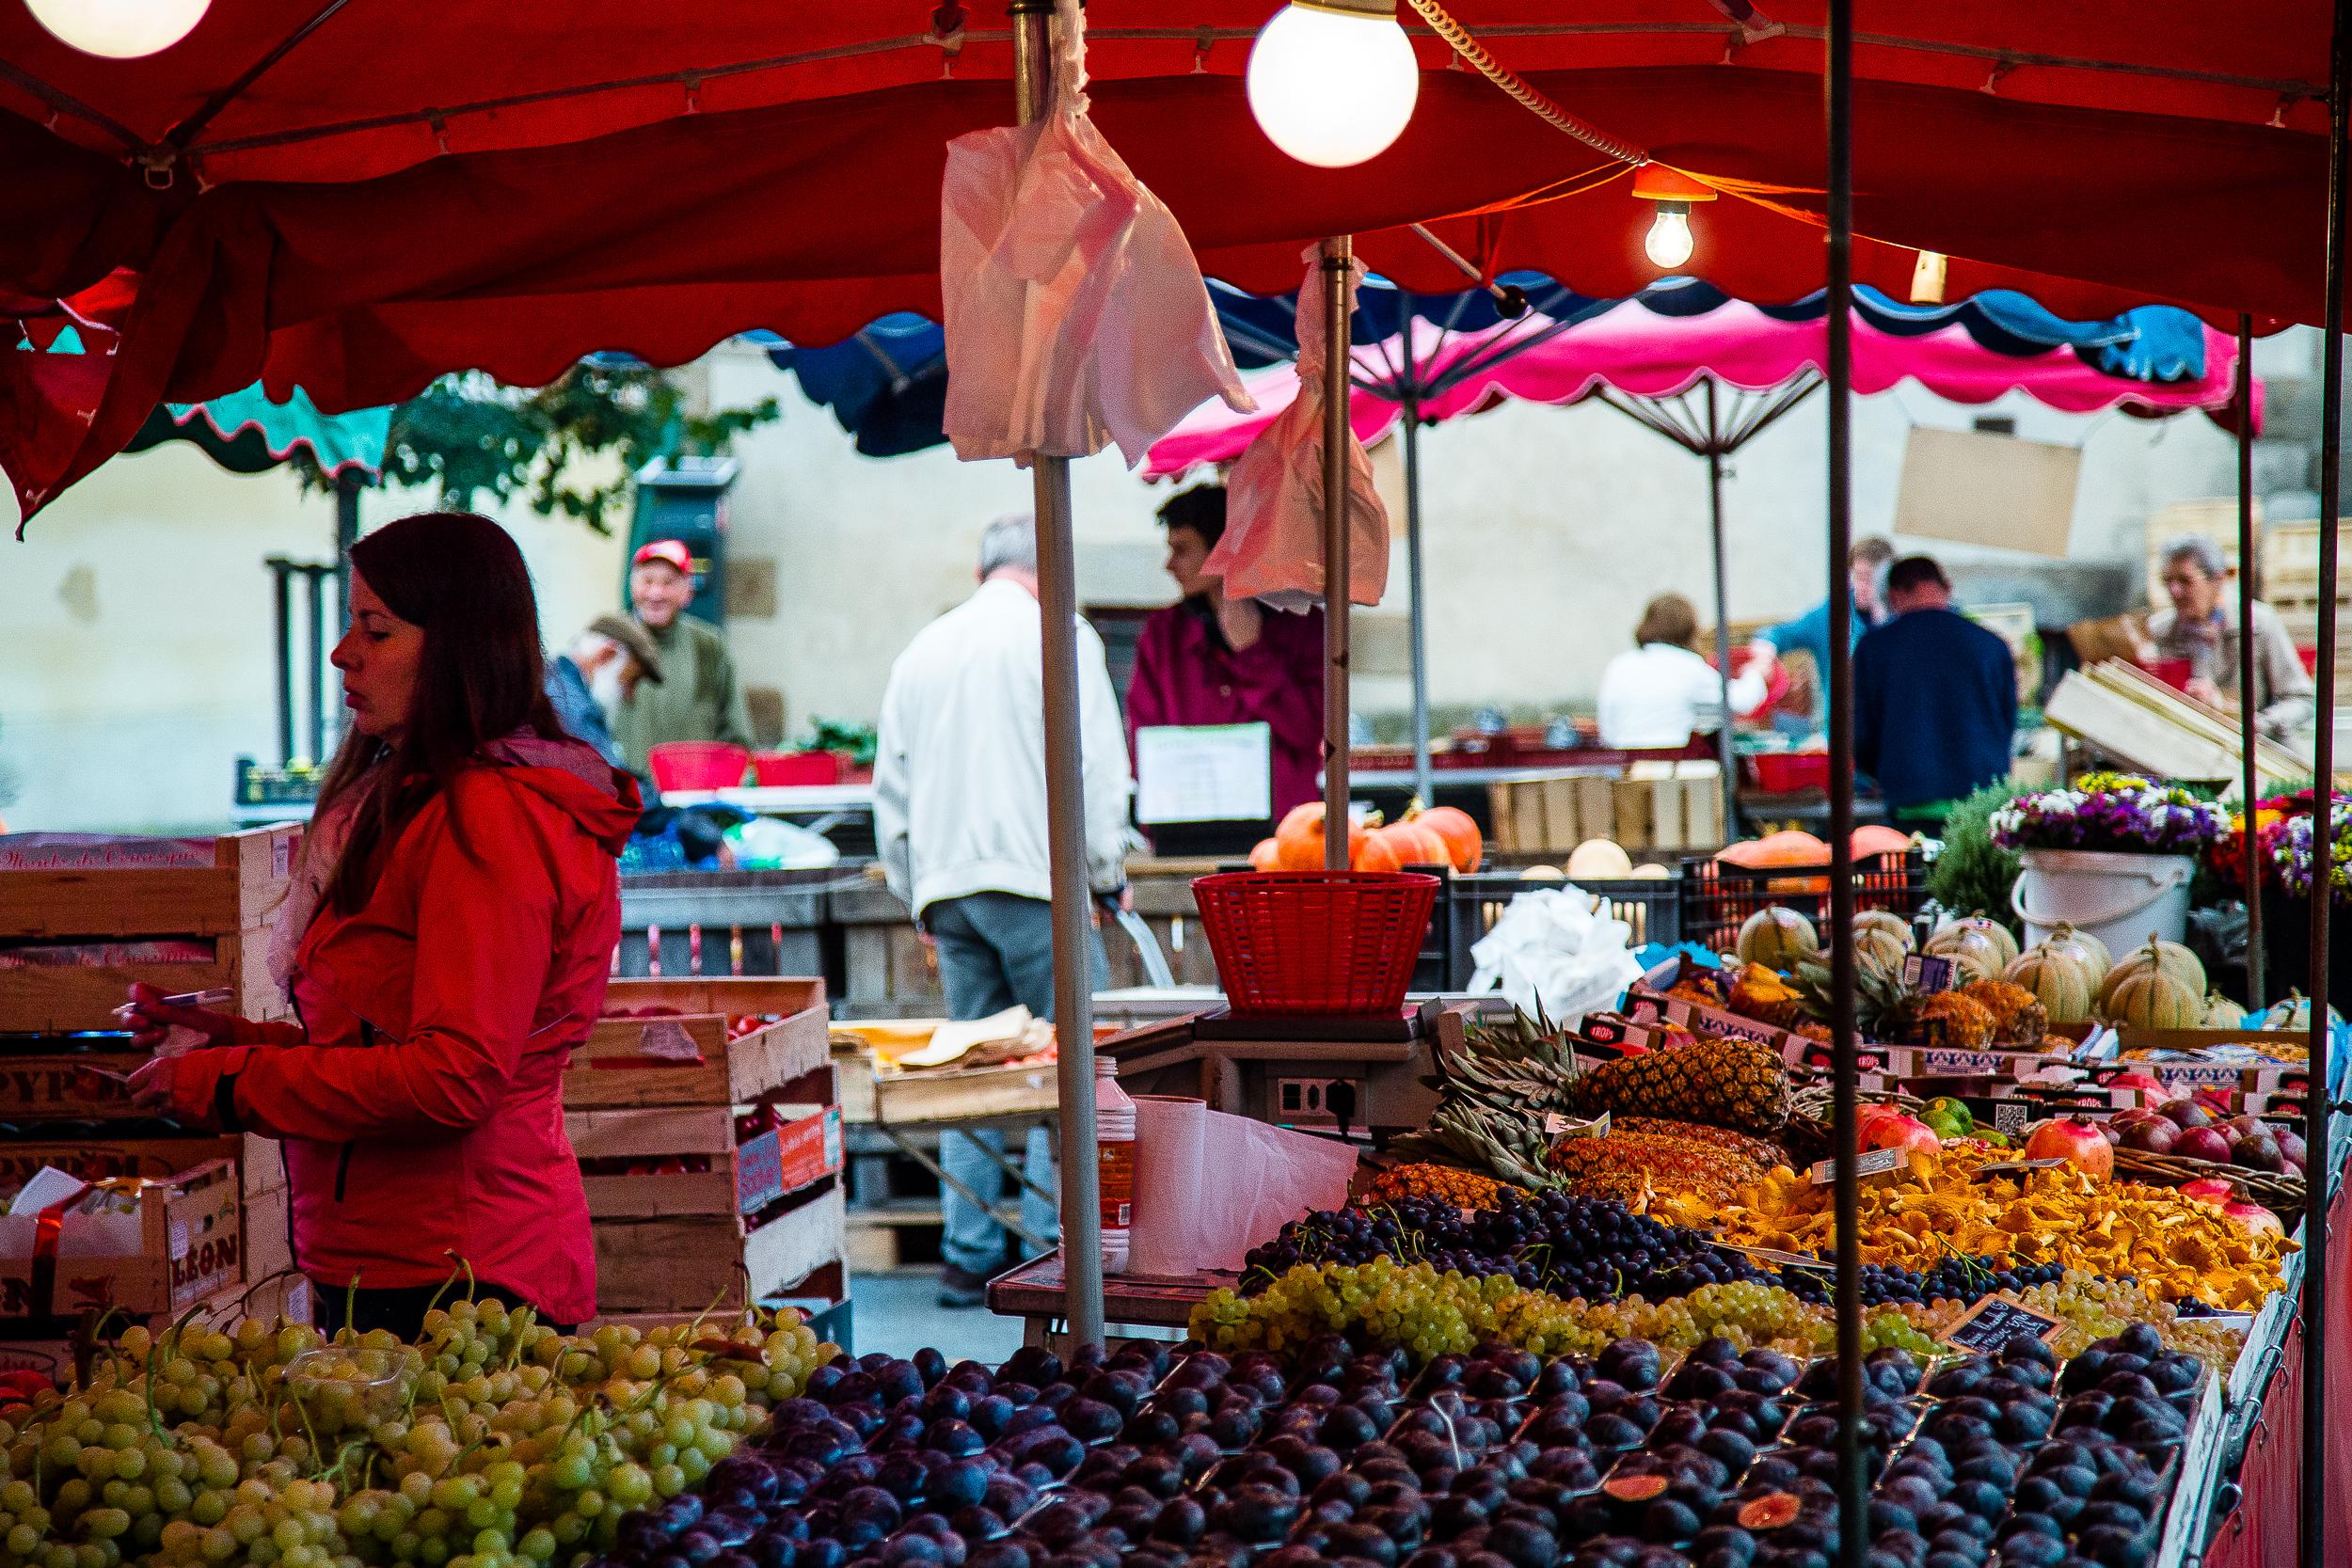 Marche des Lices Farmers Market Rennes France